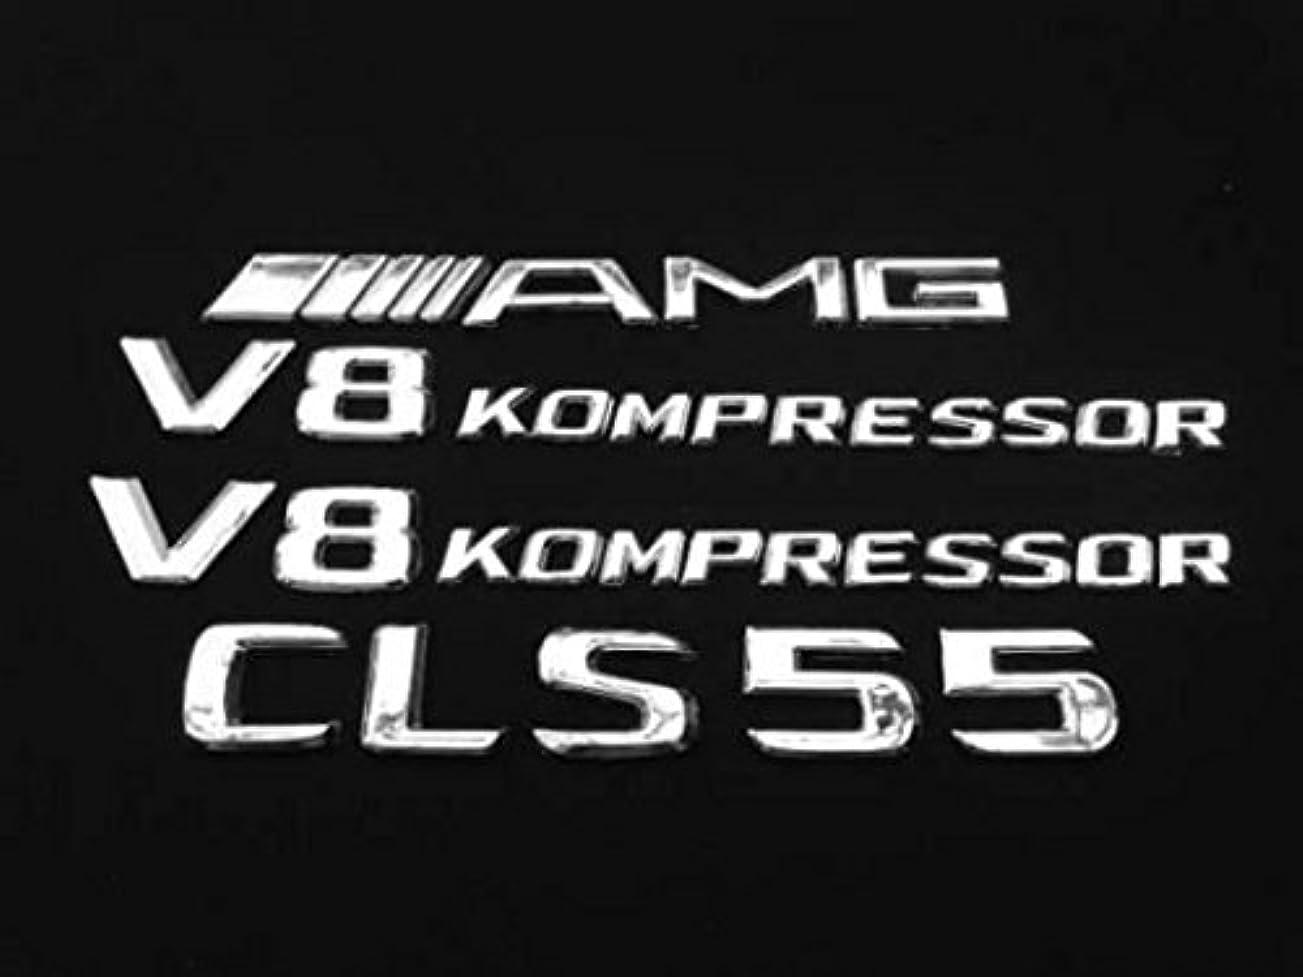 背骨インゲン華氏ベンツ Benz エンブレム CLS55AMG仕様エンブレム ベンツW219CLS500CLS350V8KOMPRESSOR